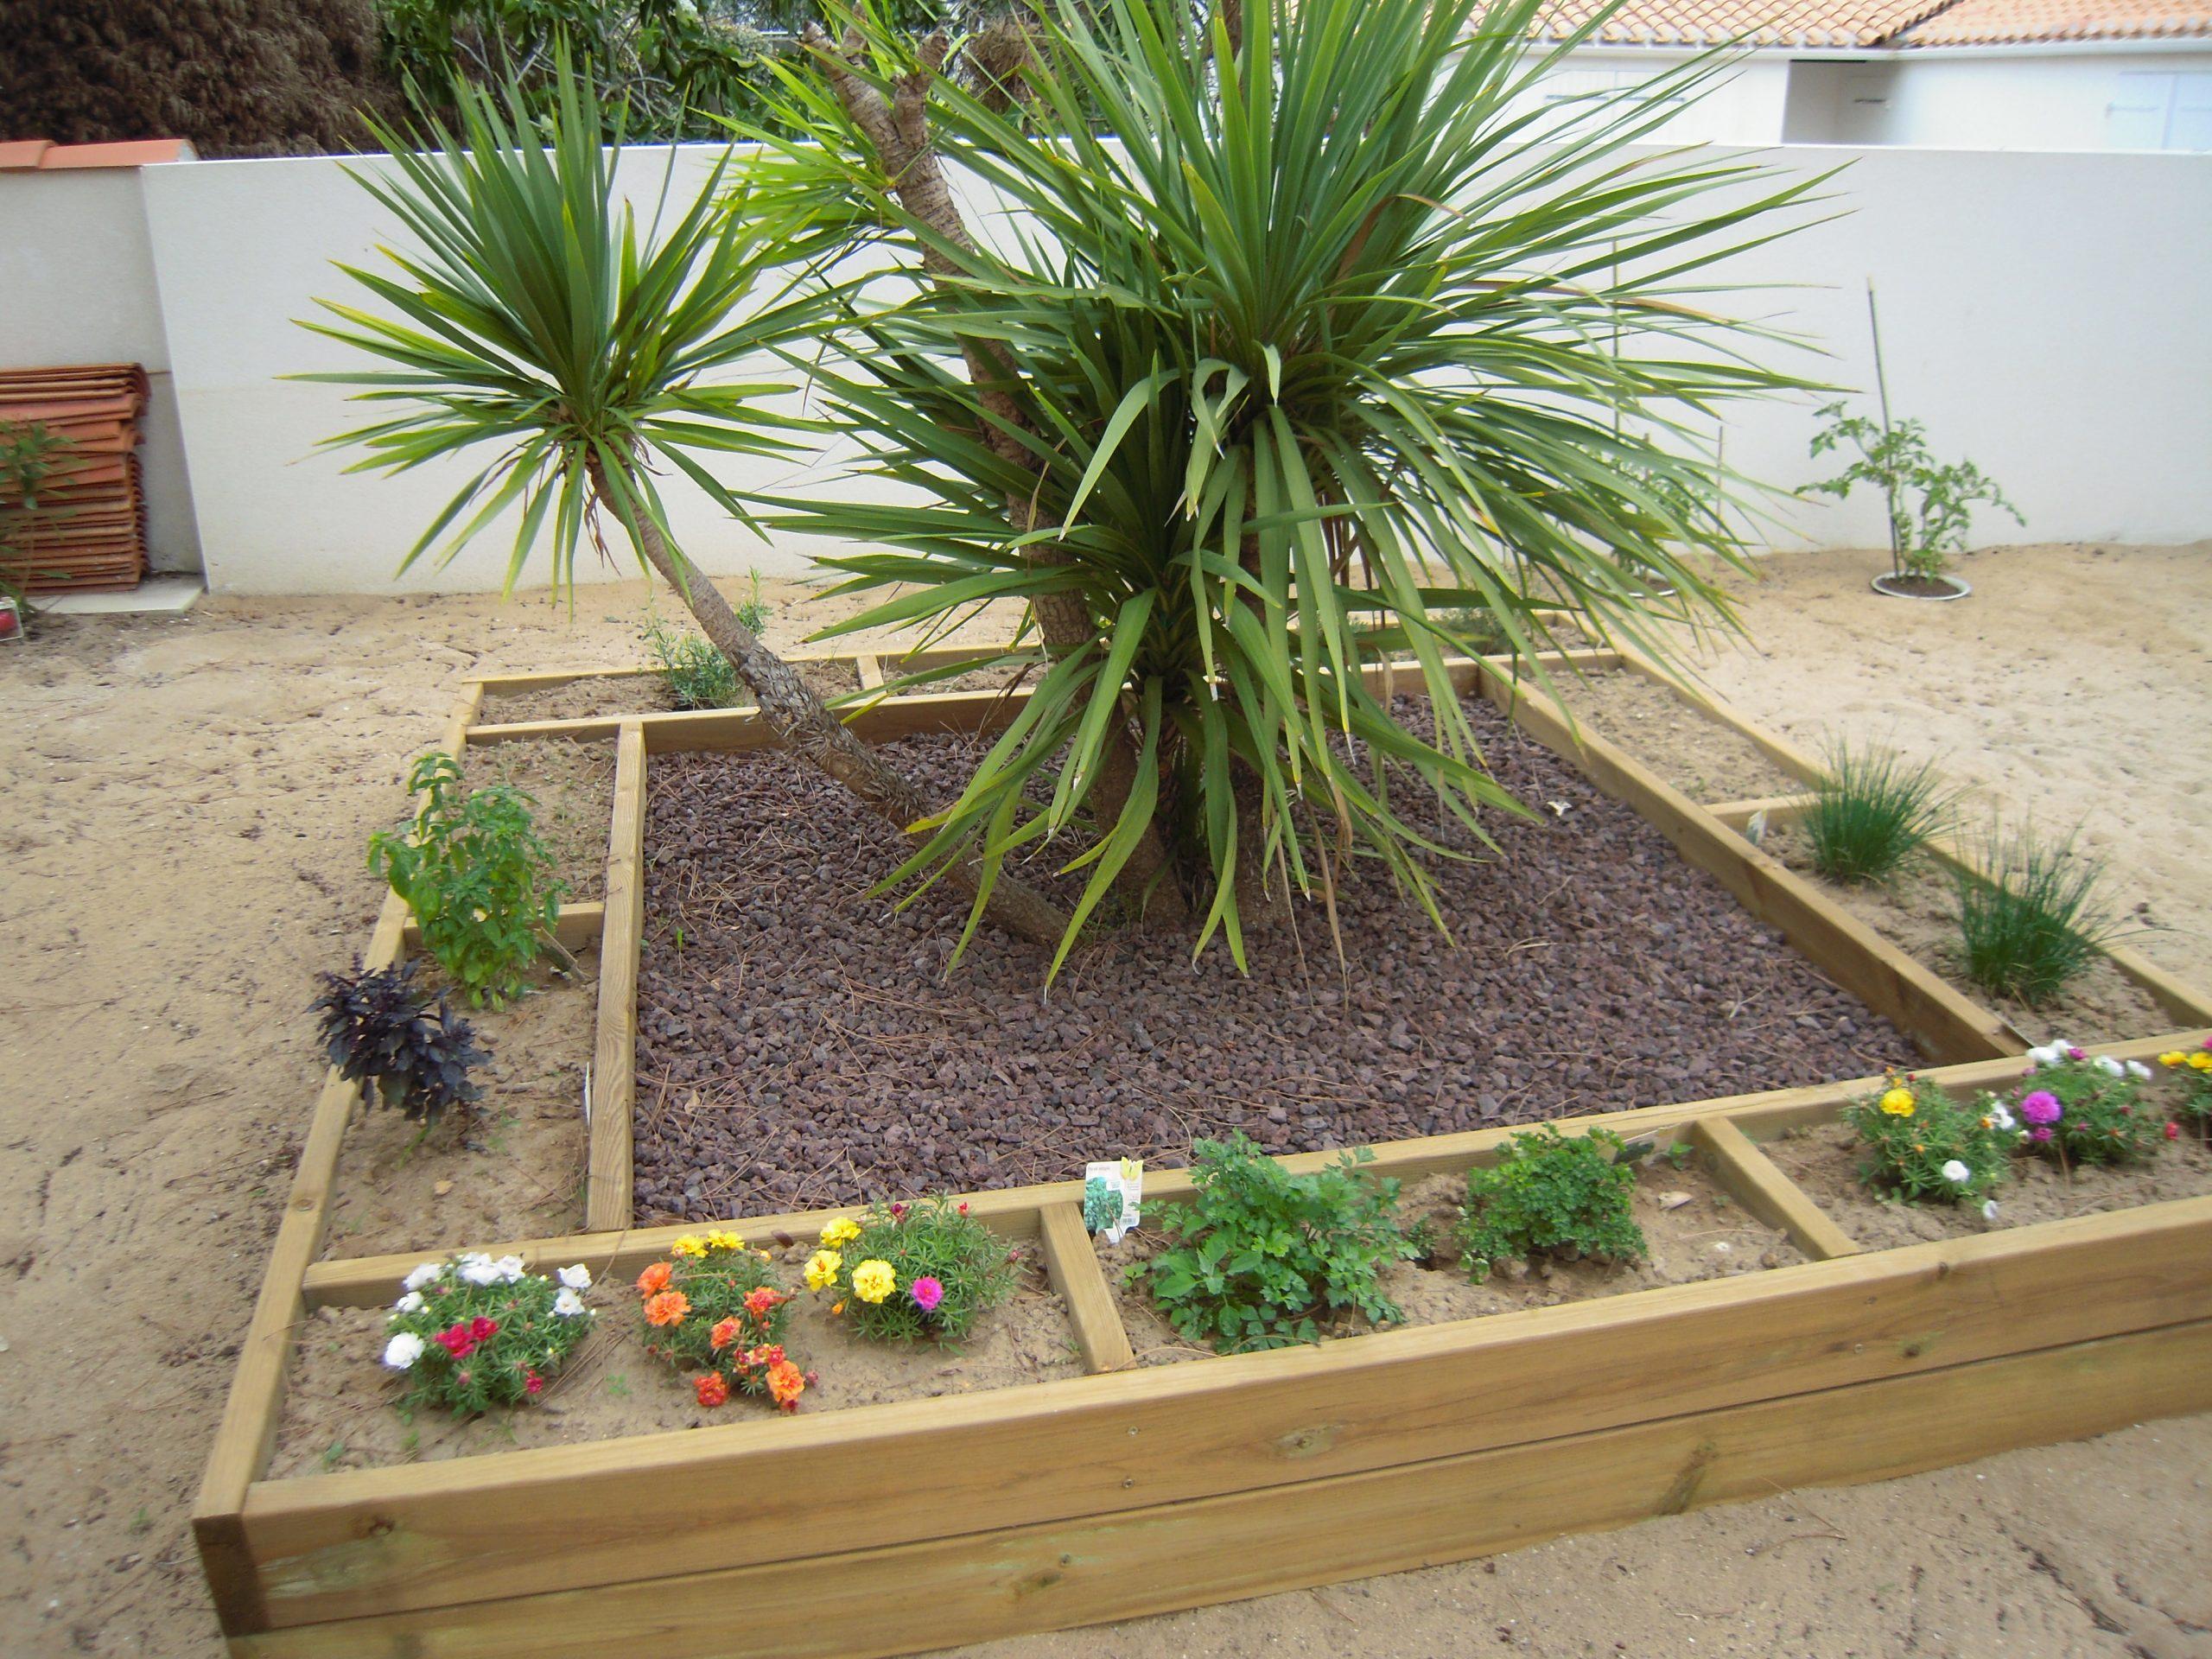 Bordures - Lerouvillois S. Aménagement De Jardins destiné Bordure Jardin Demi Rondin Bois